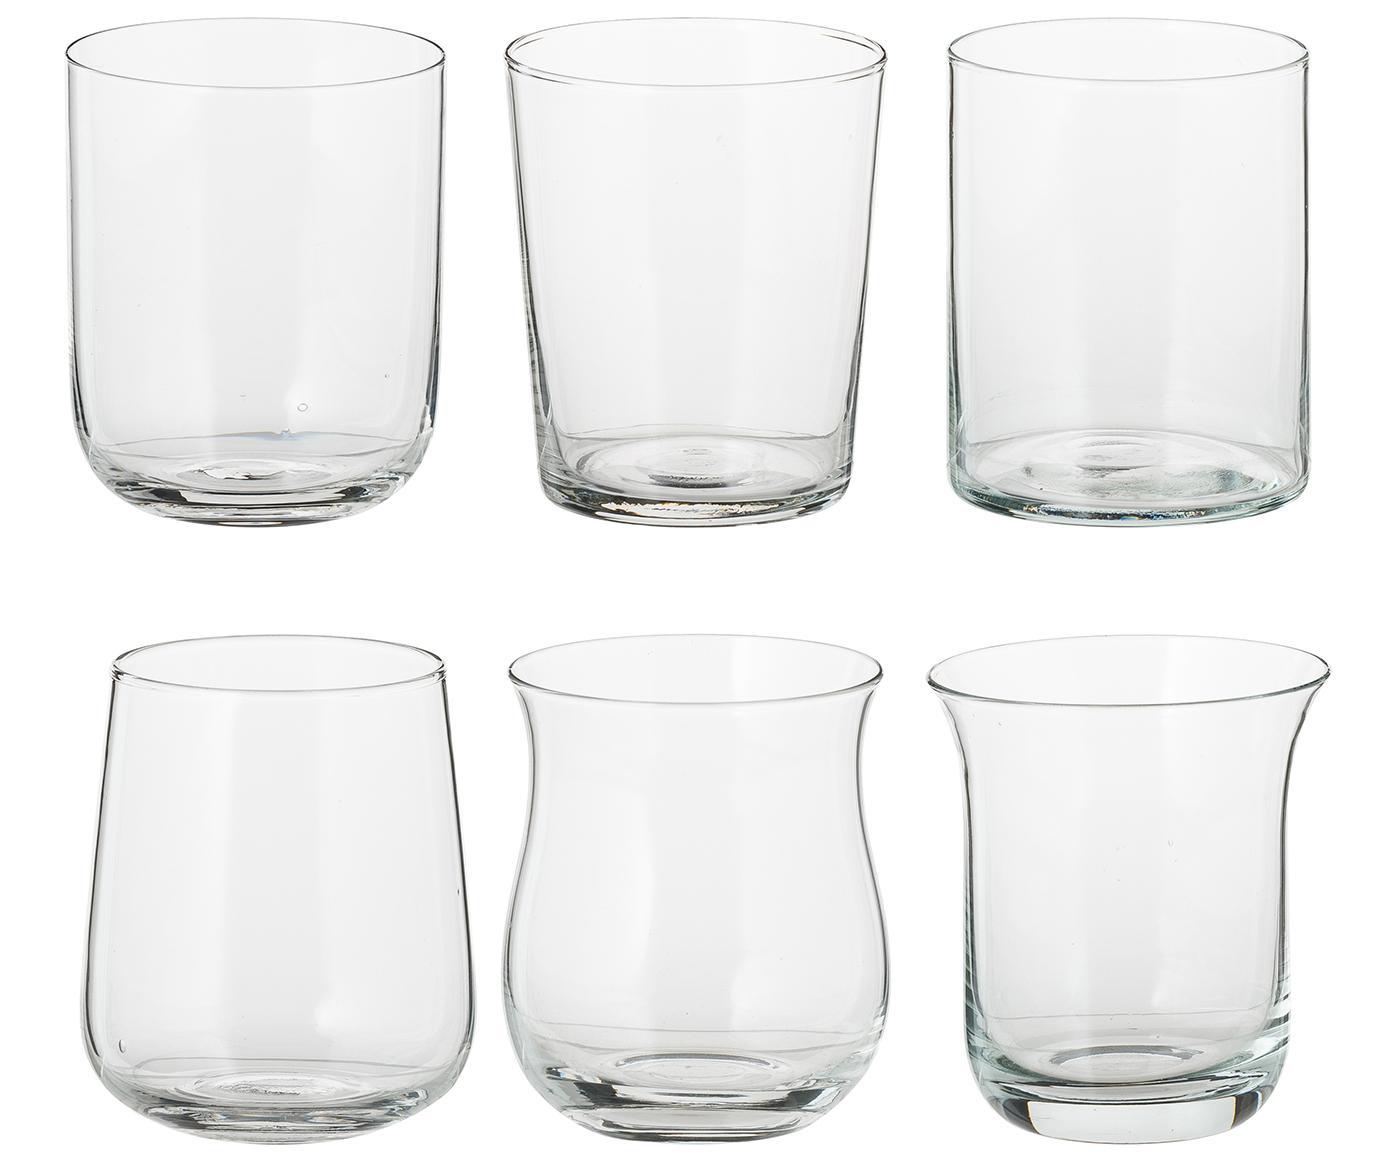 Vasos de vidrio soplado Desigual, 6uds., Vidrio, Transparente, Al 10 cm